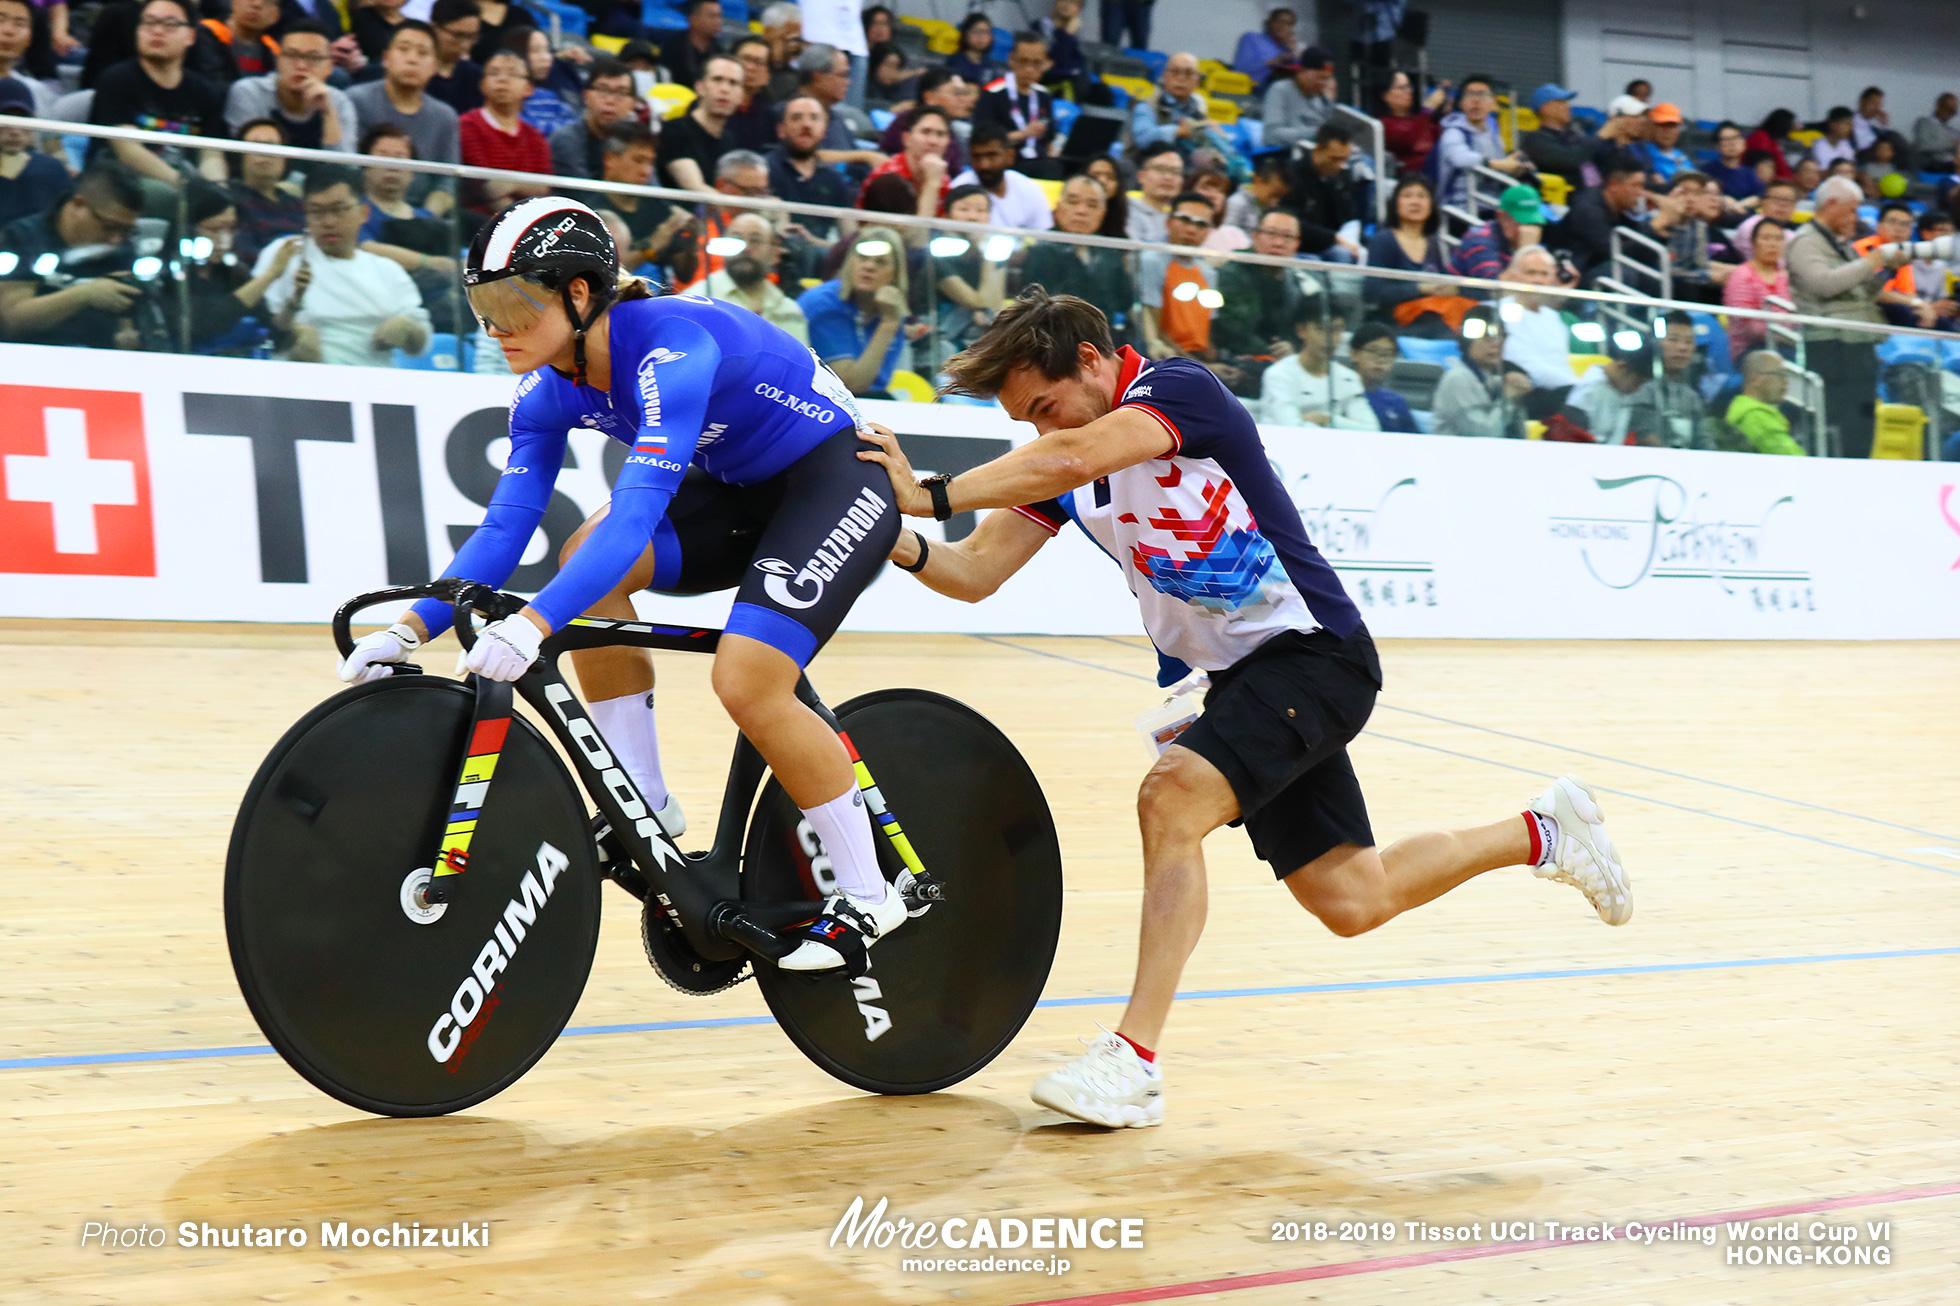 Qualifying / Women's Sprint / Track Cycling World Cup VI / Hong-Kong